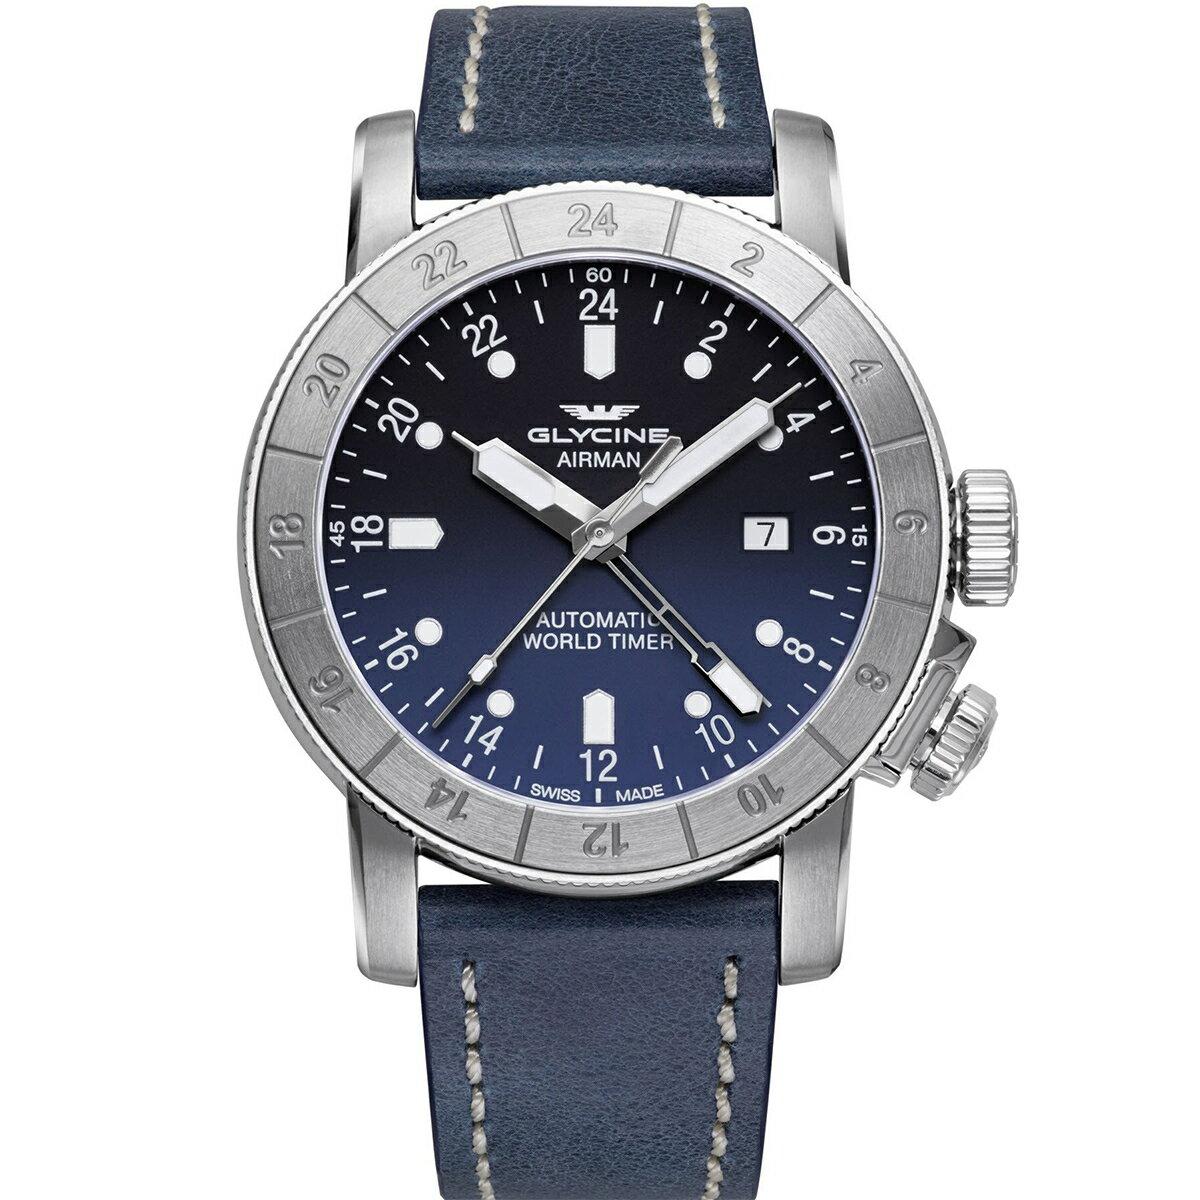 グライシン グリシン GLYCINE エアマン AIRMAN 44 GL0054 メンズ 時計 腕時計 自動巻き オートマチック スイス製 スイスメイド ワールドタイム表示